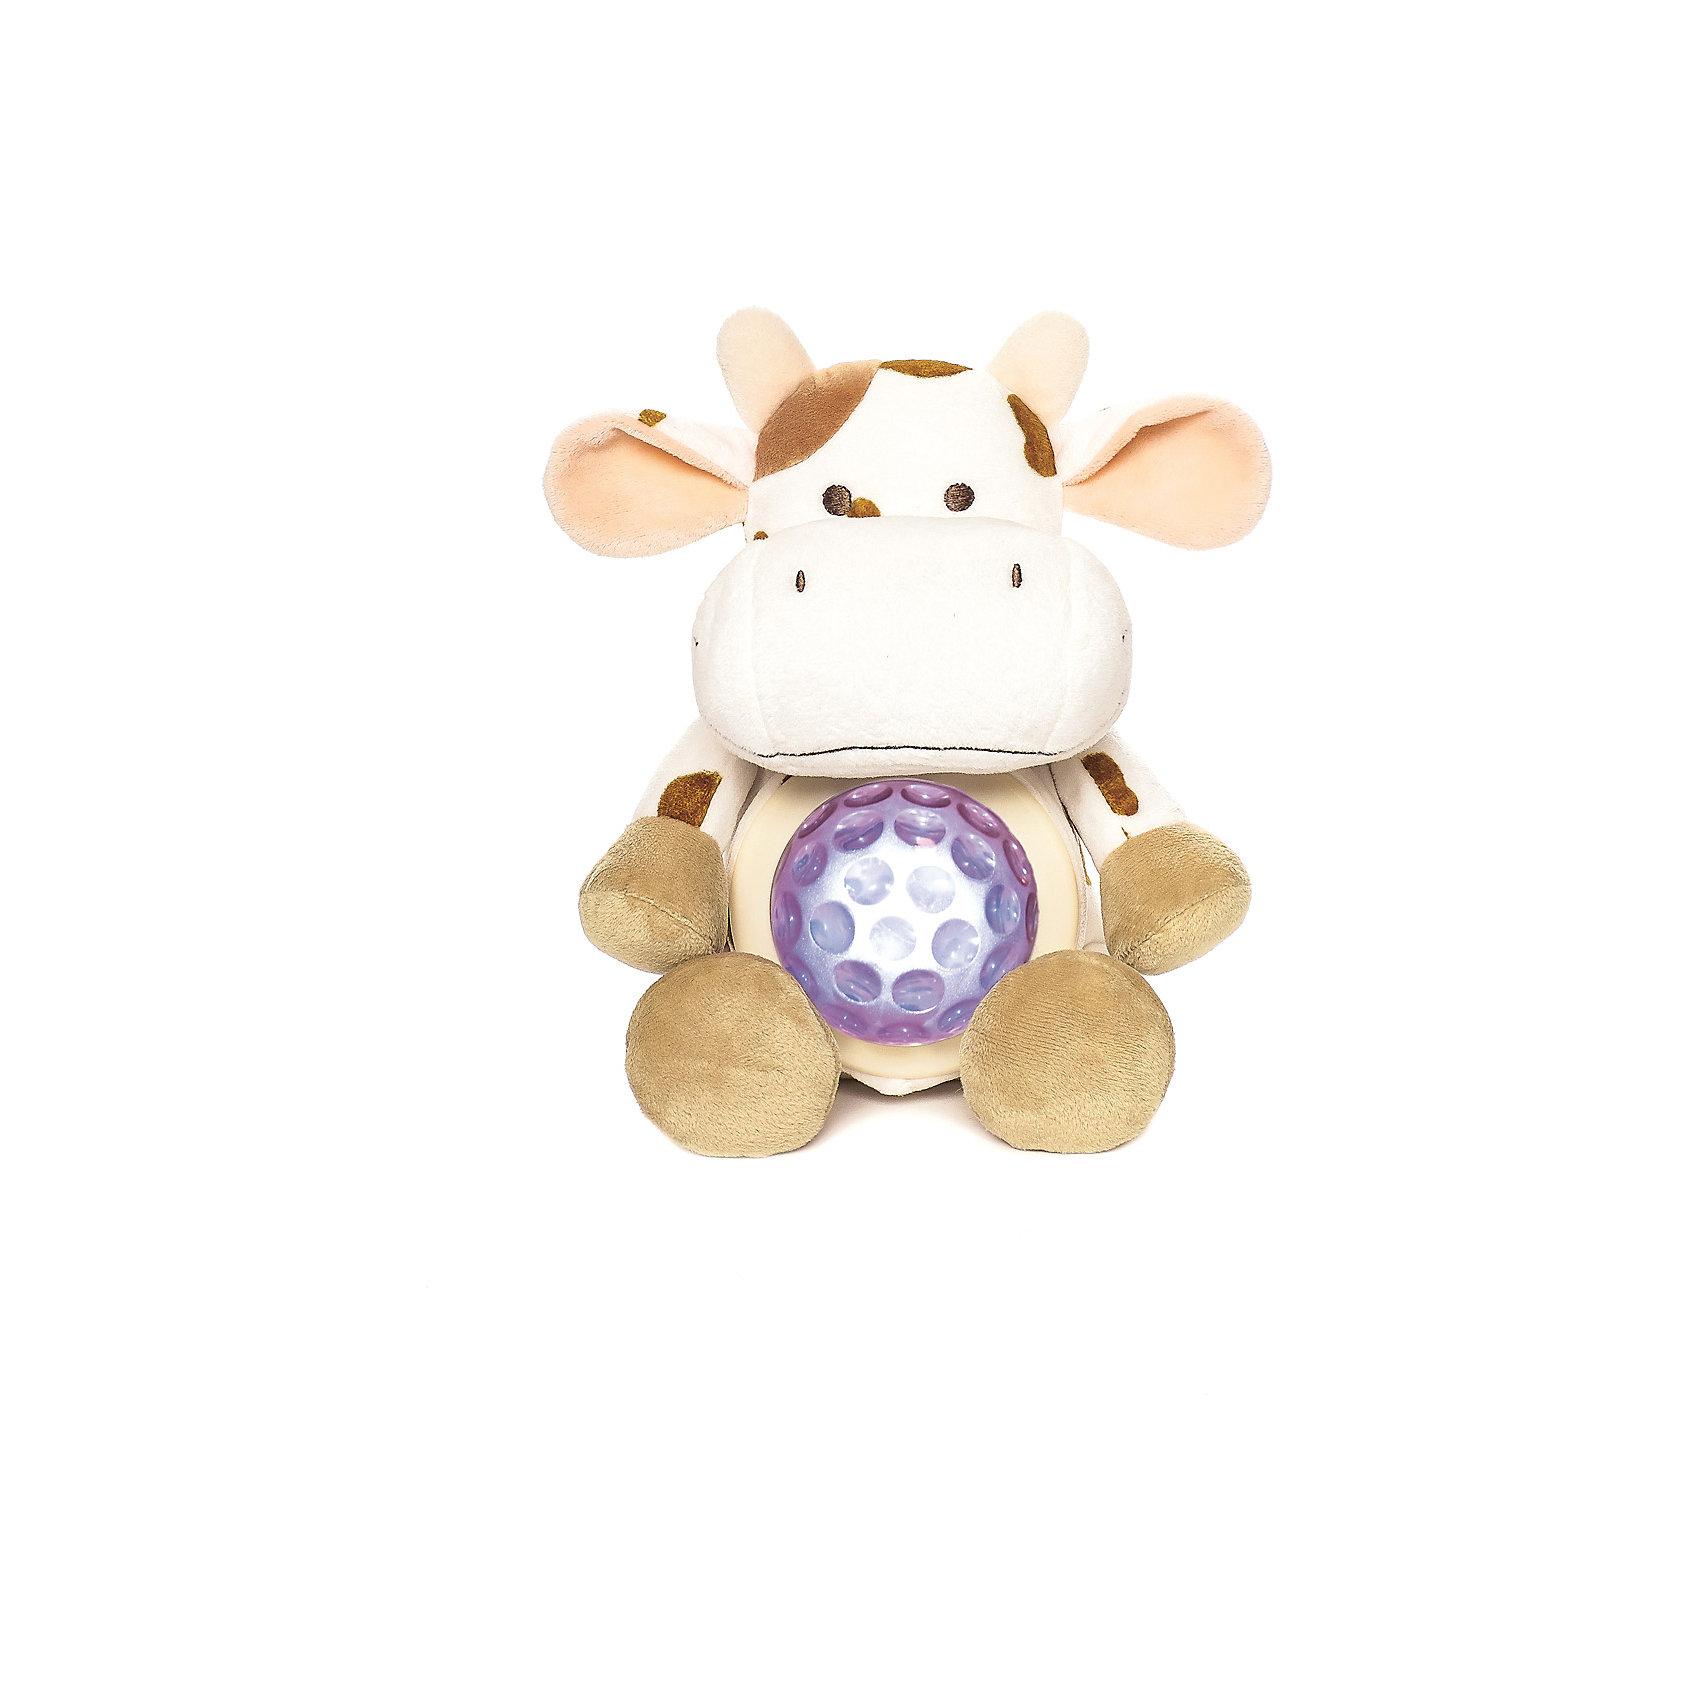 Ночник Корова, Динглисар, TeddykompanietНочник Корова, Динглисар, Teddykompaniet (Тэдди и компания) - подарит уют и спокойствие вашему малышу.<br>Ночник в виде милой улыбающейся коровы создаст спокойную атмосферу, идеальную для того, чтобы малыш мог легко и быстро заснуть. Ночник проецирует звездное небо и работает в двух режимах. В первом режиме мягкий прозрачный свет, во втором режиме – меняет цвета (3 цвета). Чтобы активировать работу ночника, необходимо нажать на животик коровы. Продукция соответствует европейским и российским стандартам качества.<br><br>Дополнительная информация:<br><br>- Размер: 23 см.<br>- Материал: текстиль<br>- Предусмотрено автоматическое отключение после 10 мин непрерывной работы<br>- Батарейки: 3 типа АА (в комплект не входят)<br><br>Ночник Корова, Динглисар, Teddykompaniet (Тэдди и компания) можно купить в нашем интернет-магазине.<br><br>Ширина мм: 250<br>Глубина мм: 150<br>Высота мм: 100<br>Вес г: 220<br>Возраст от месяцев: 0<br>Возраст до месяцев: 36<br>Пол: Унисекс<br>Возраст: Детский<br>SKU: 4902223